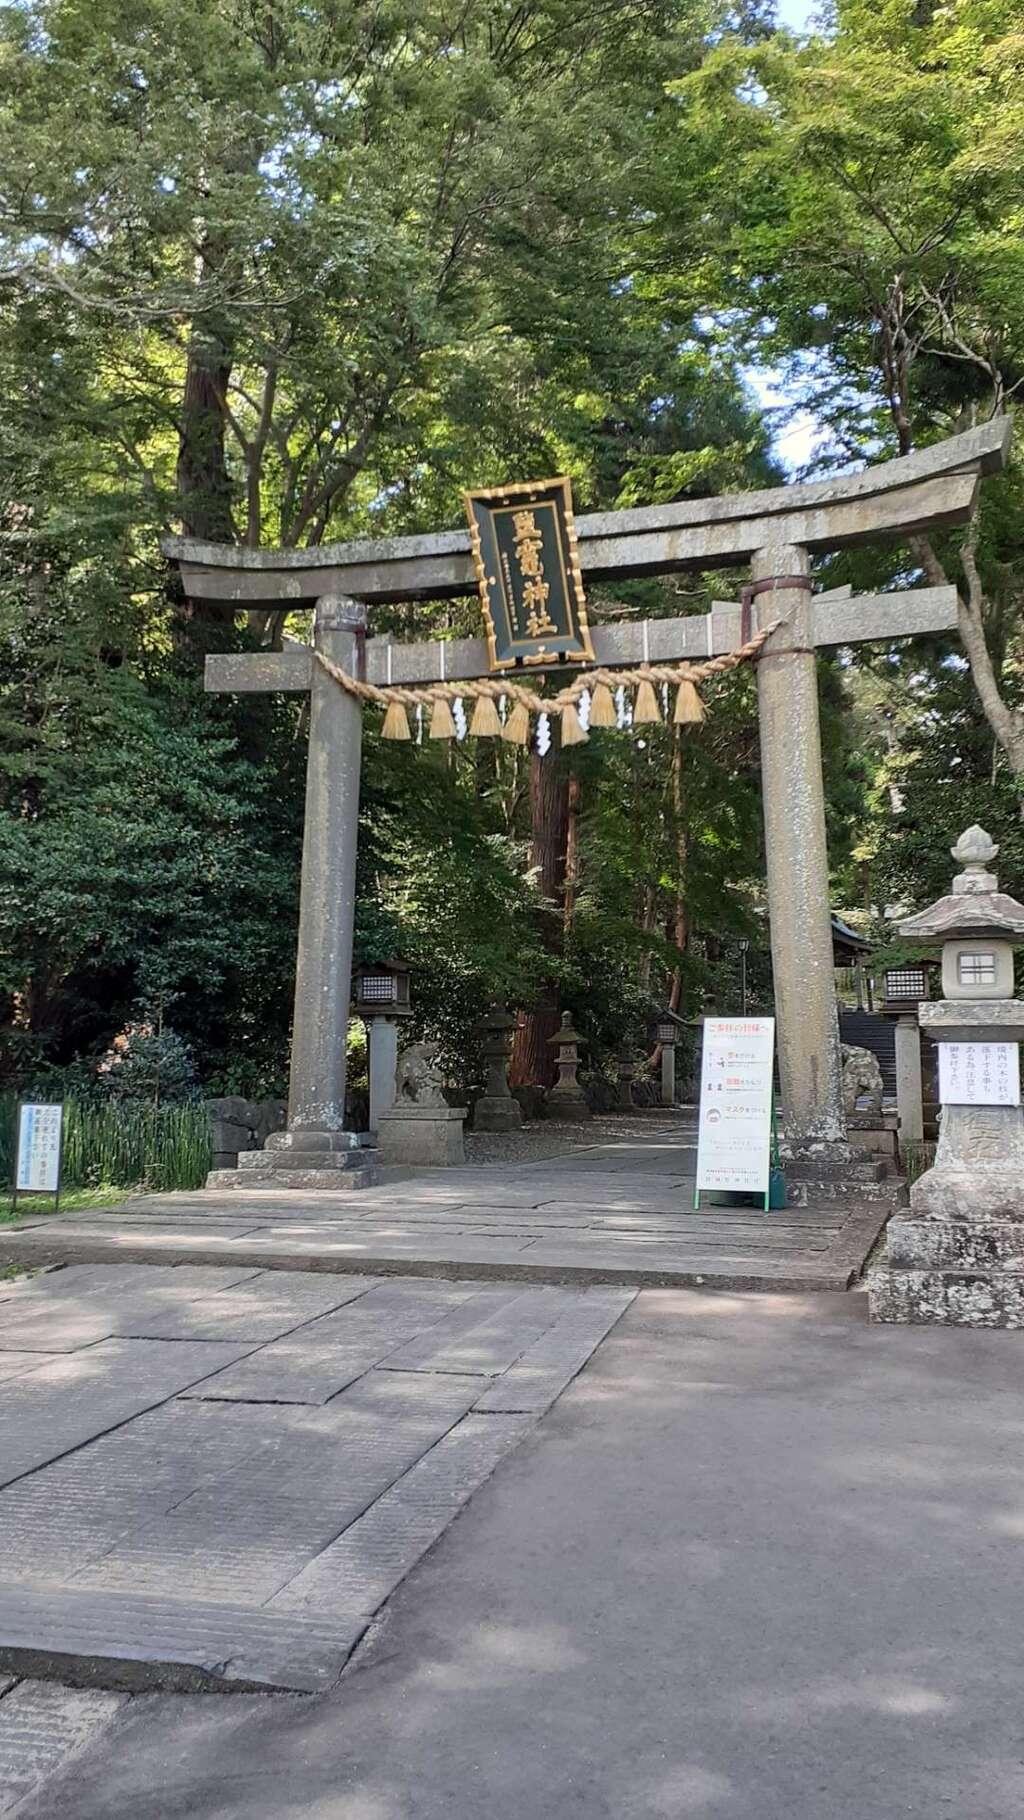 志波彦神社・鹽竈神社の鳥居